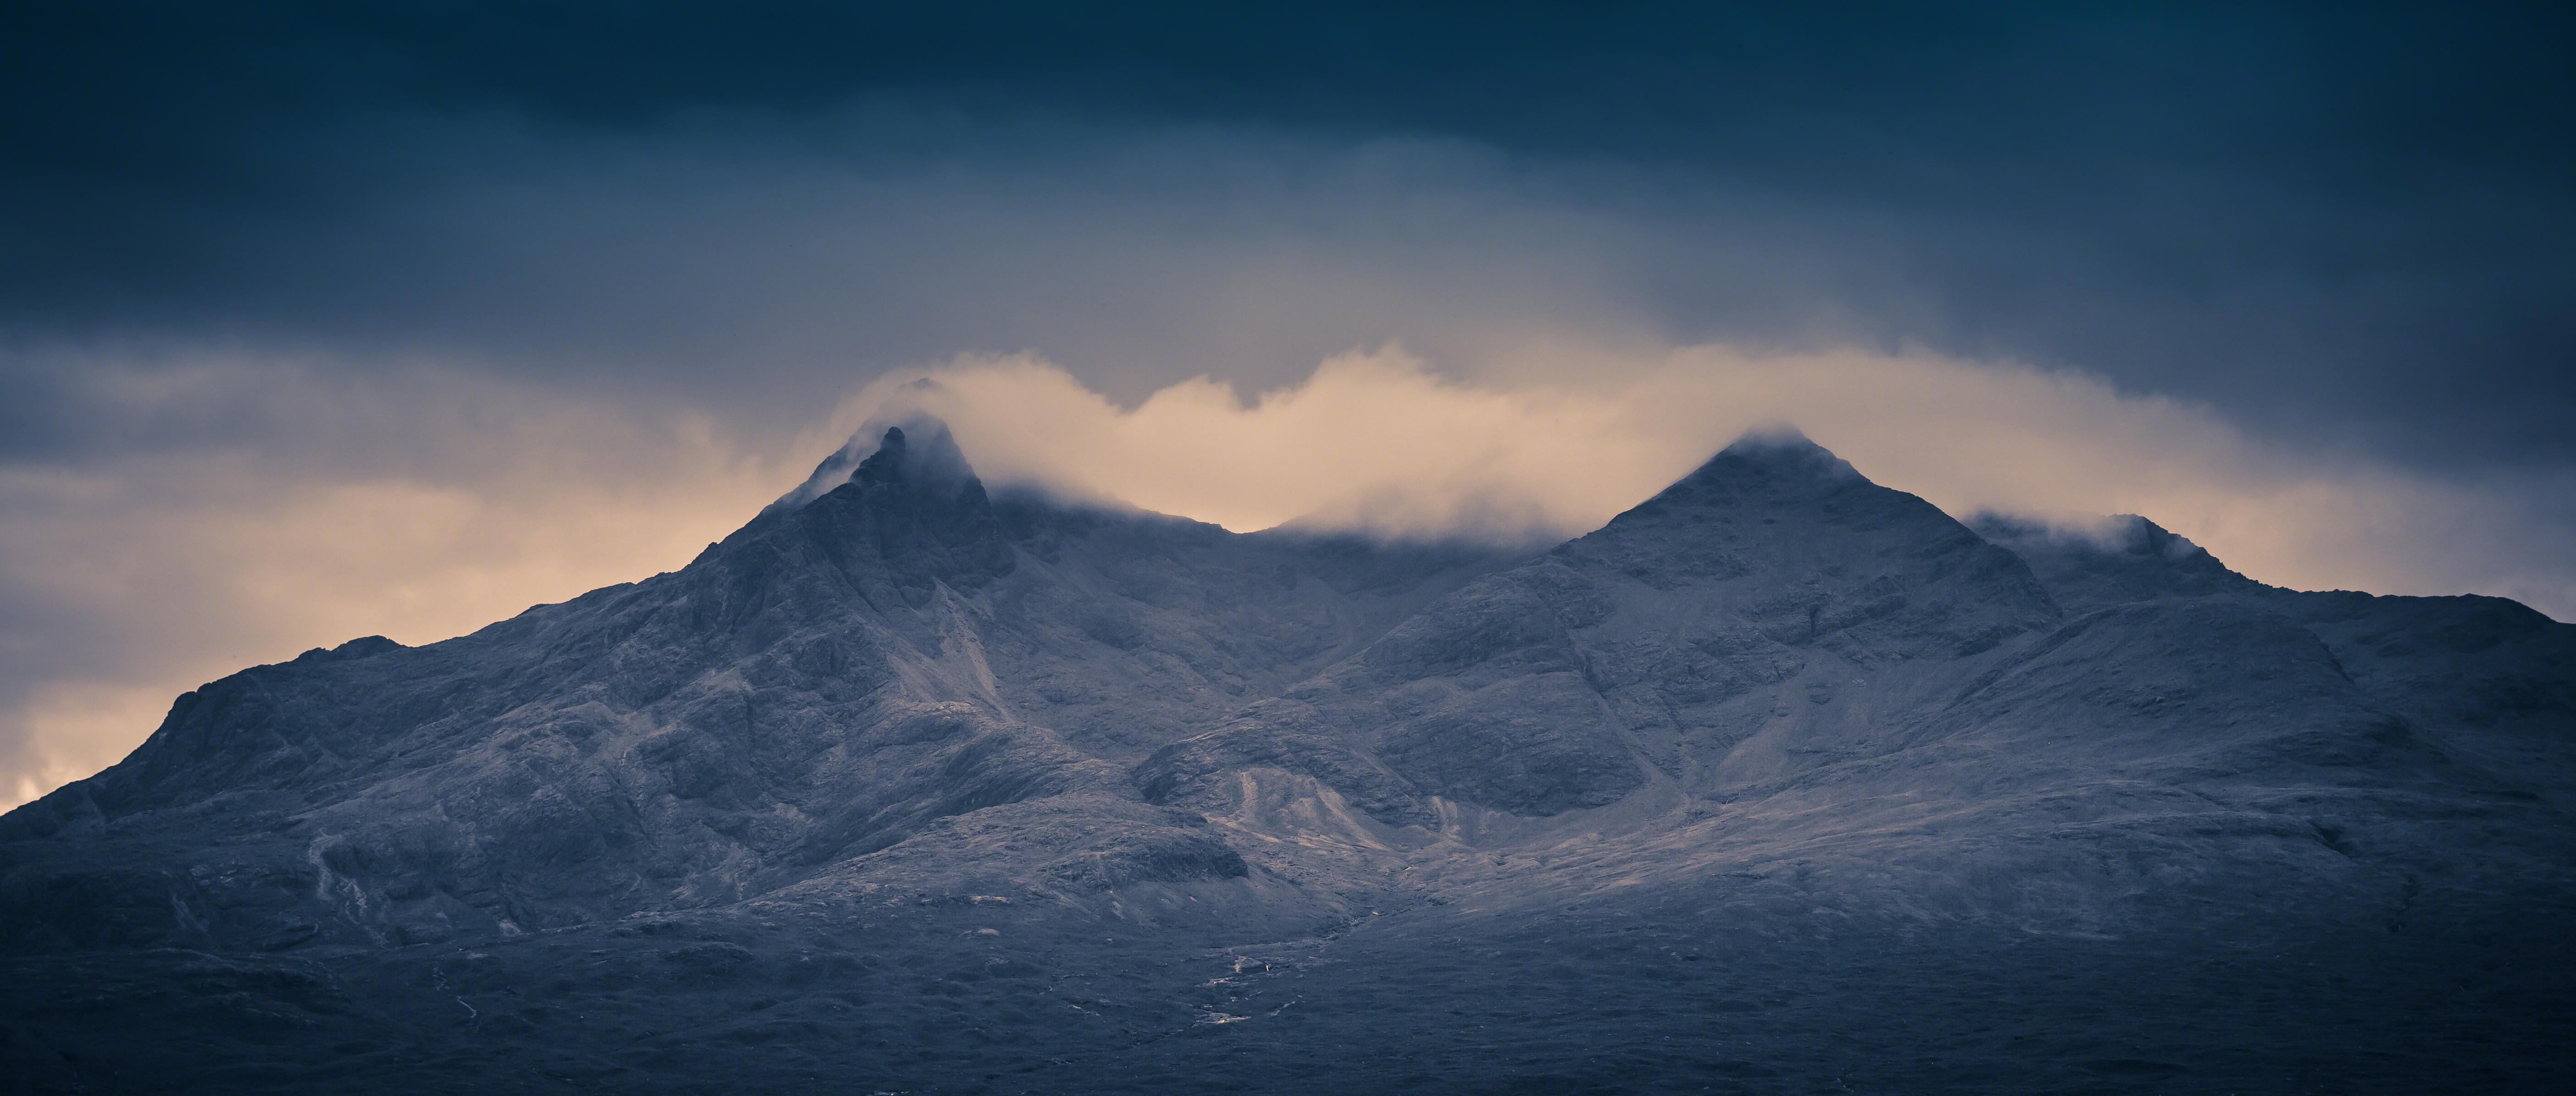 Cloud Landscape Scotland 5616x2390